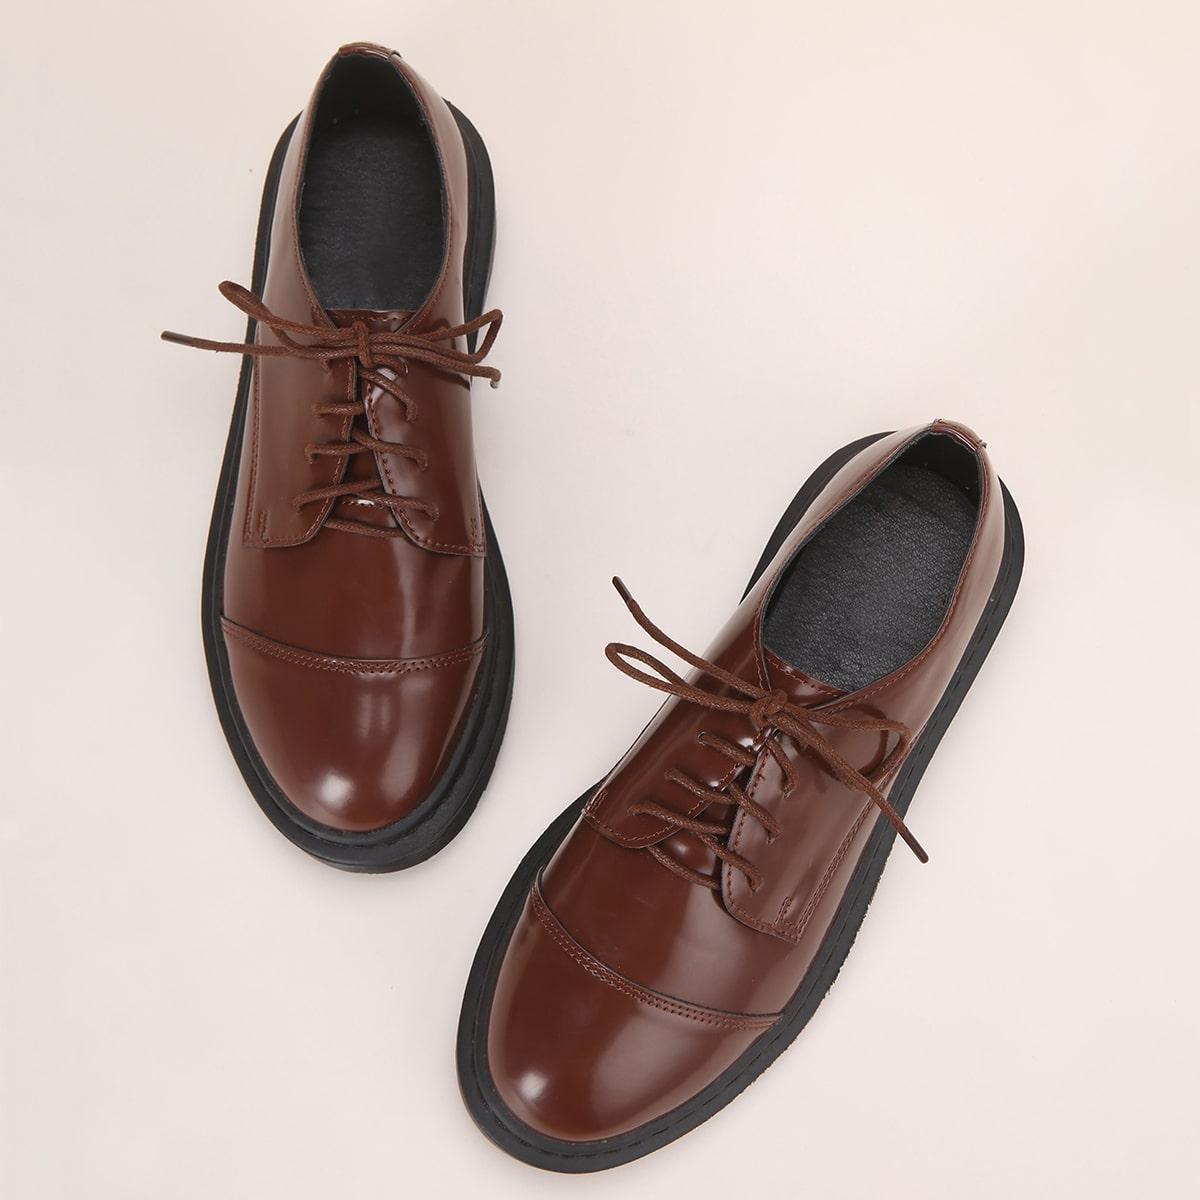 SHEIN / Minimalistische Derby Schuhe mit Band vorne